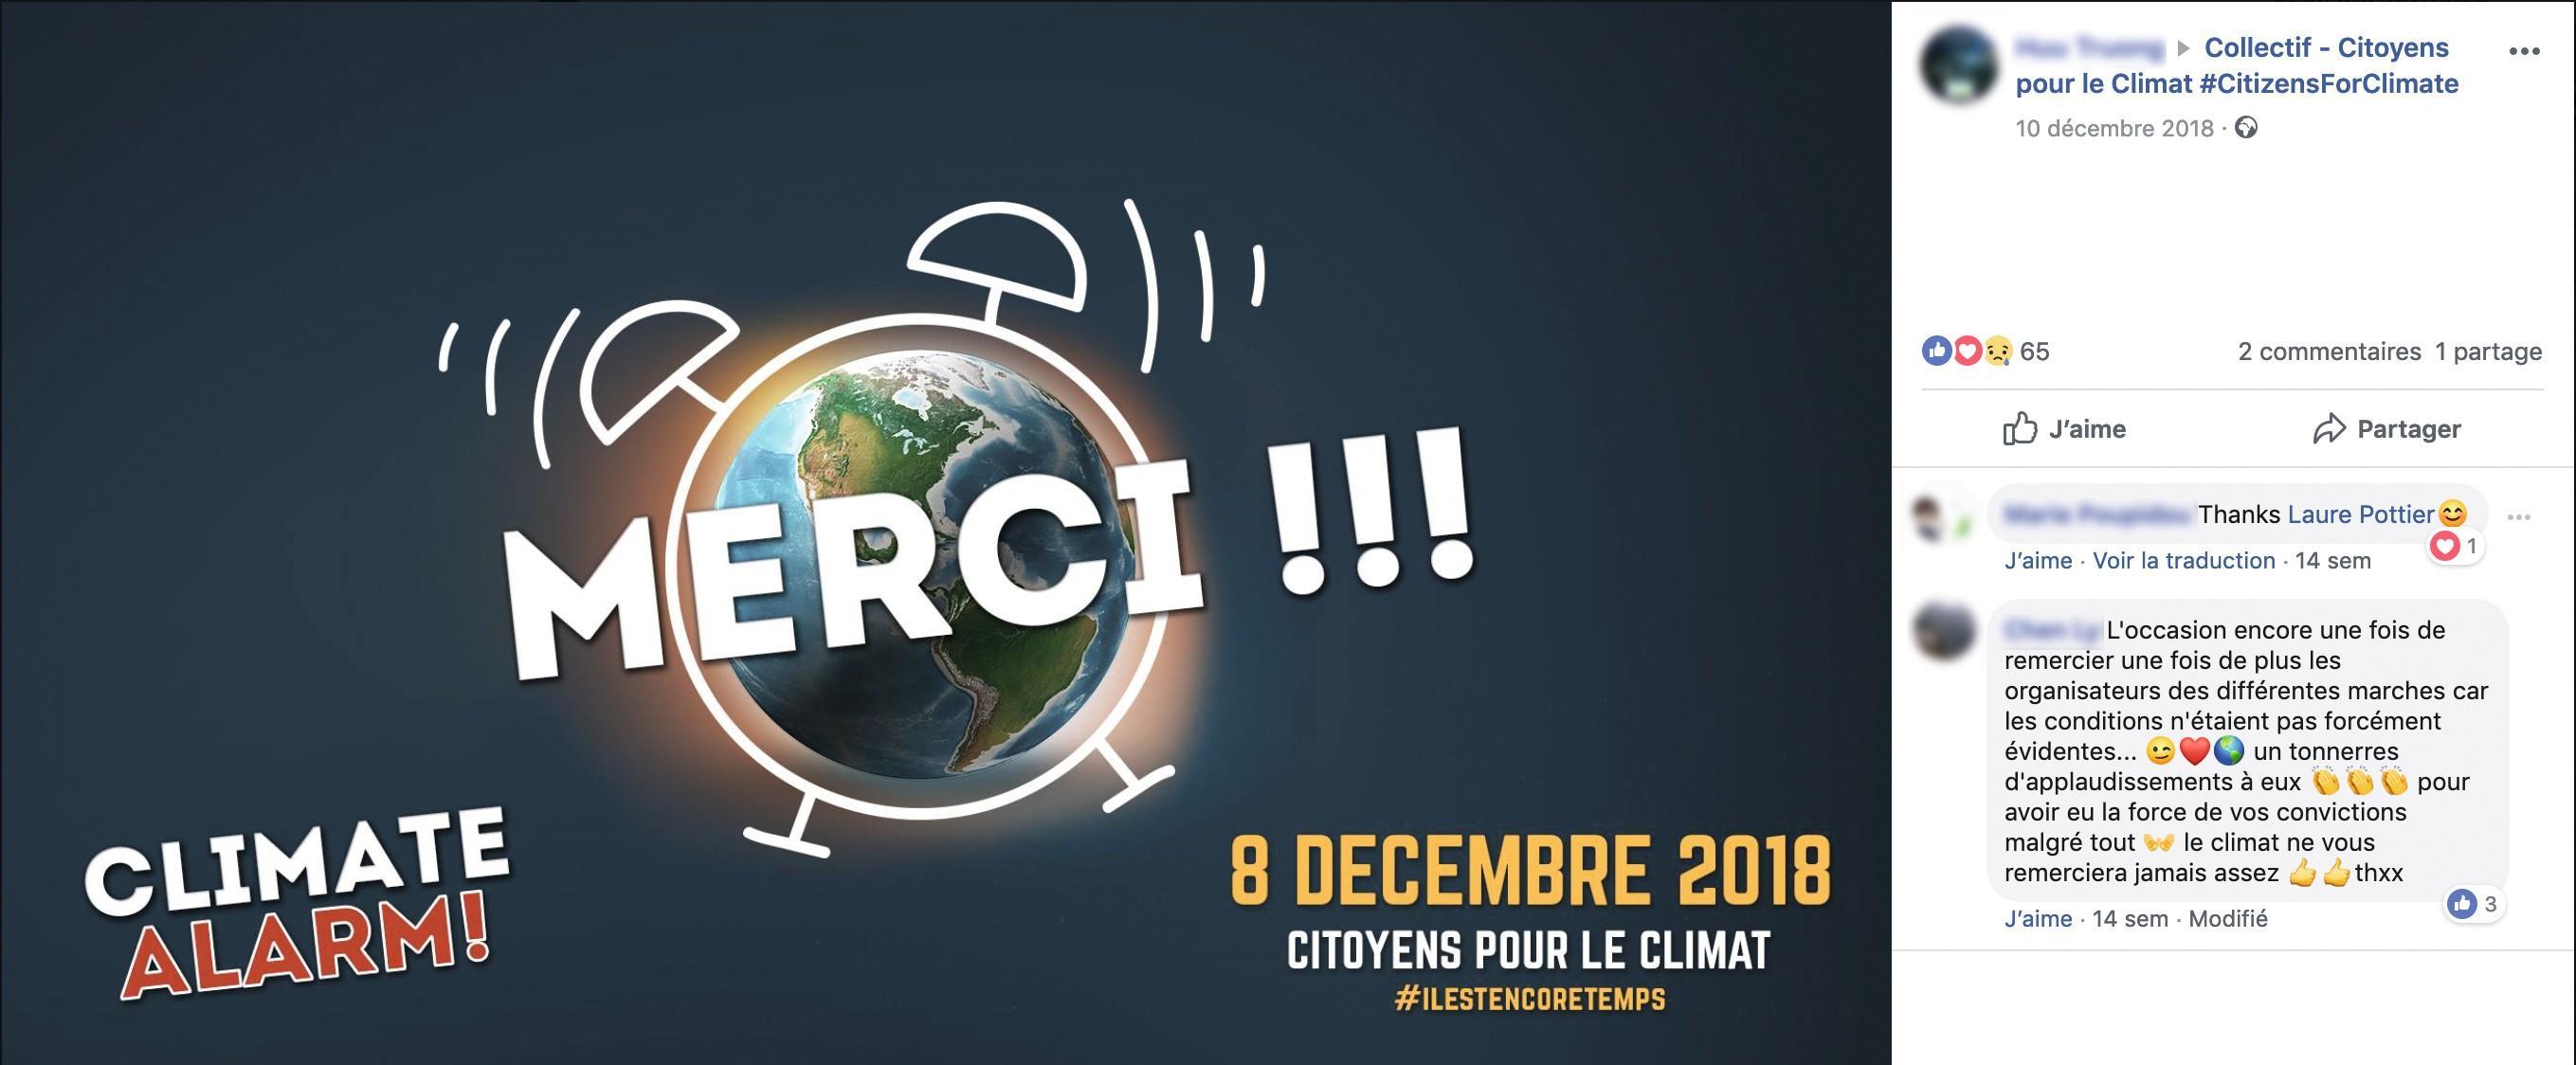 Page Facebook du collectif Citoyens pour le climat